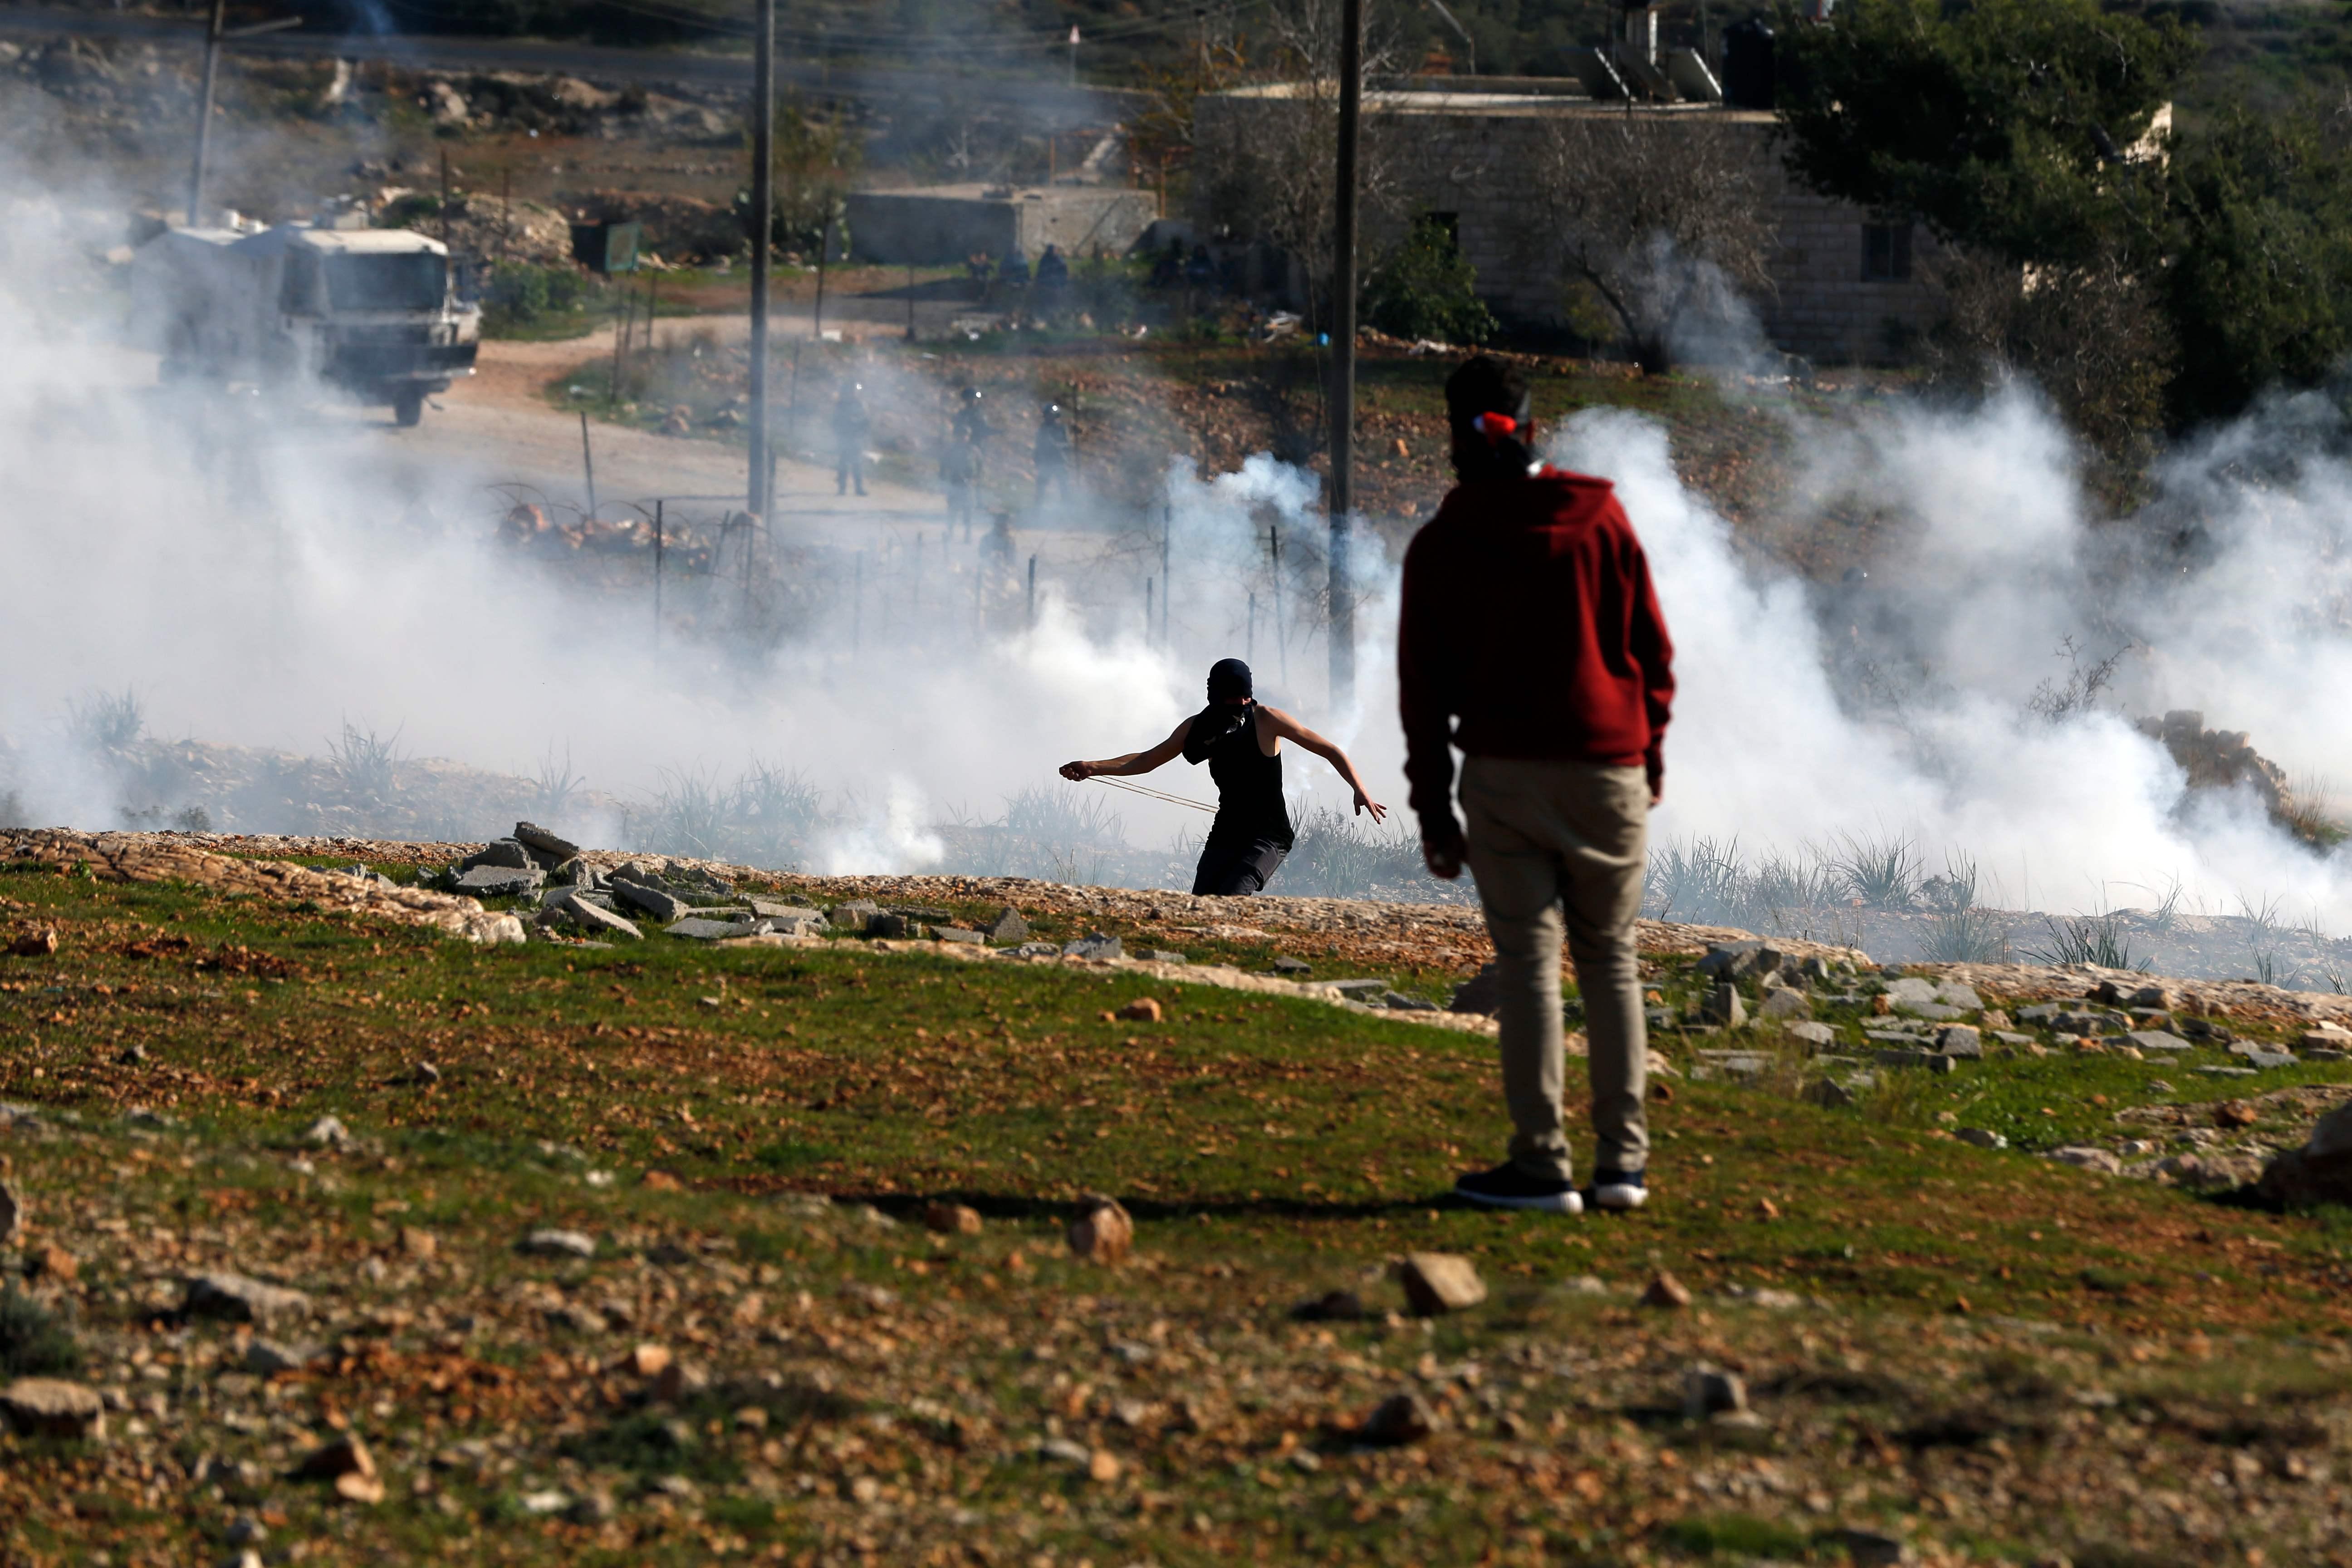 جنود الاحتلال يطلقون وابل من القنابل المسيلة للدموع